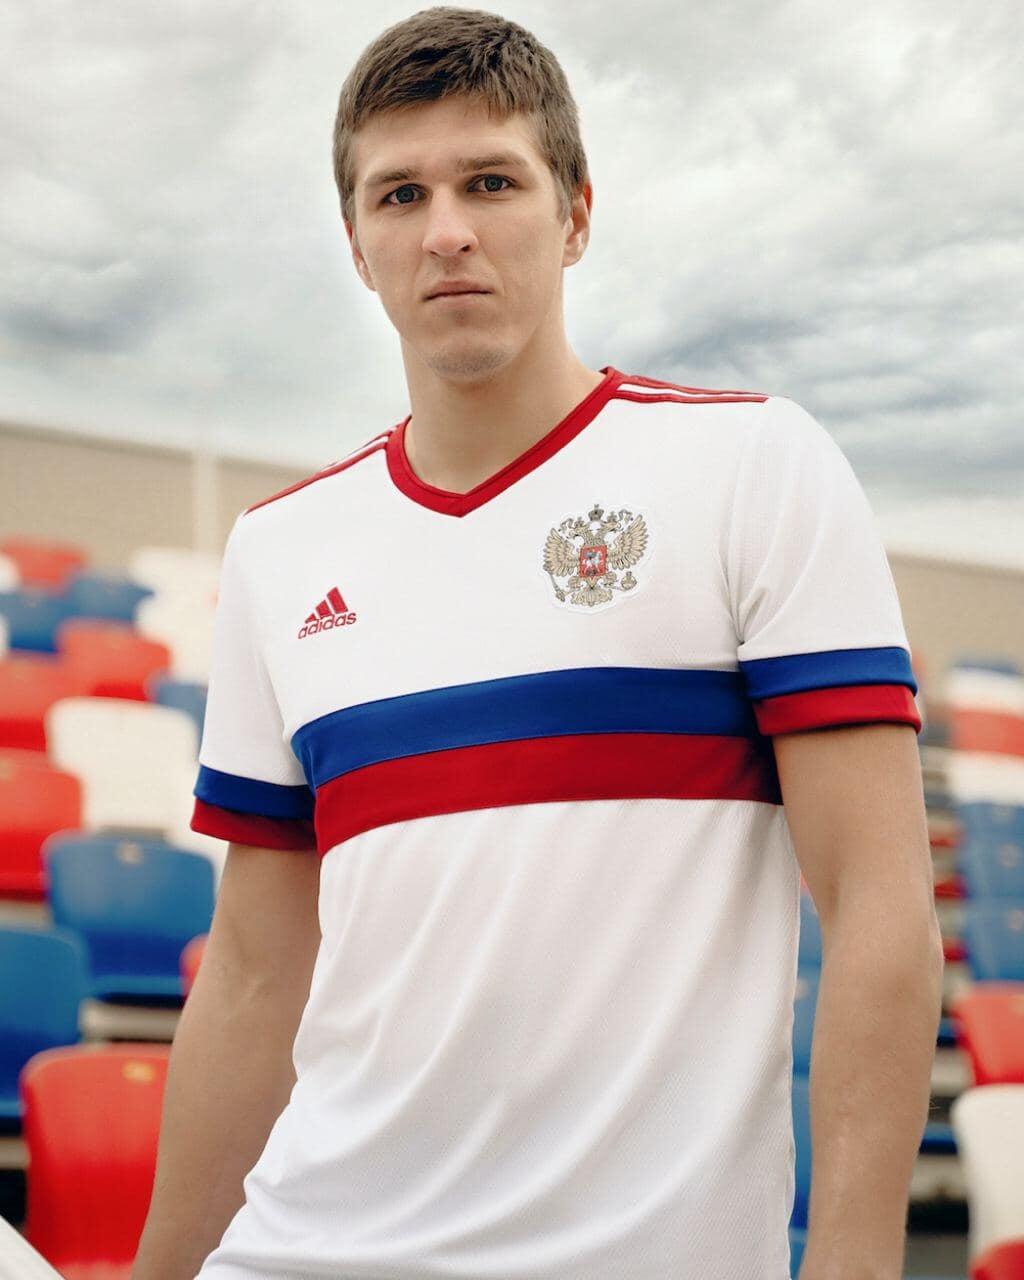 Представлена новая гостевая форма сборной России. Она белая с сине-красными полосами на груди и рукавах